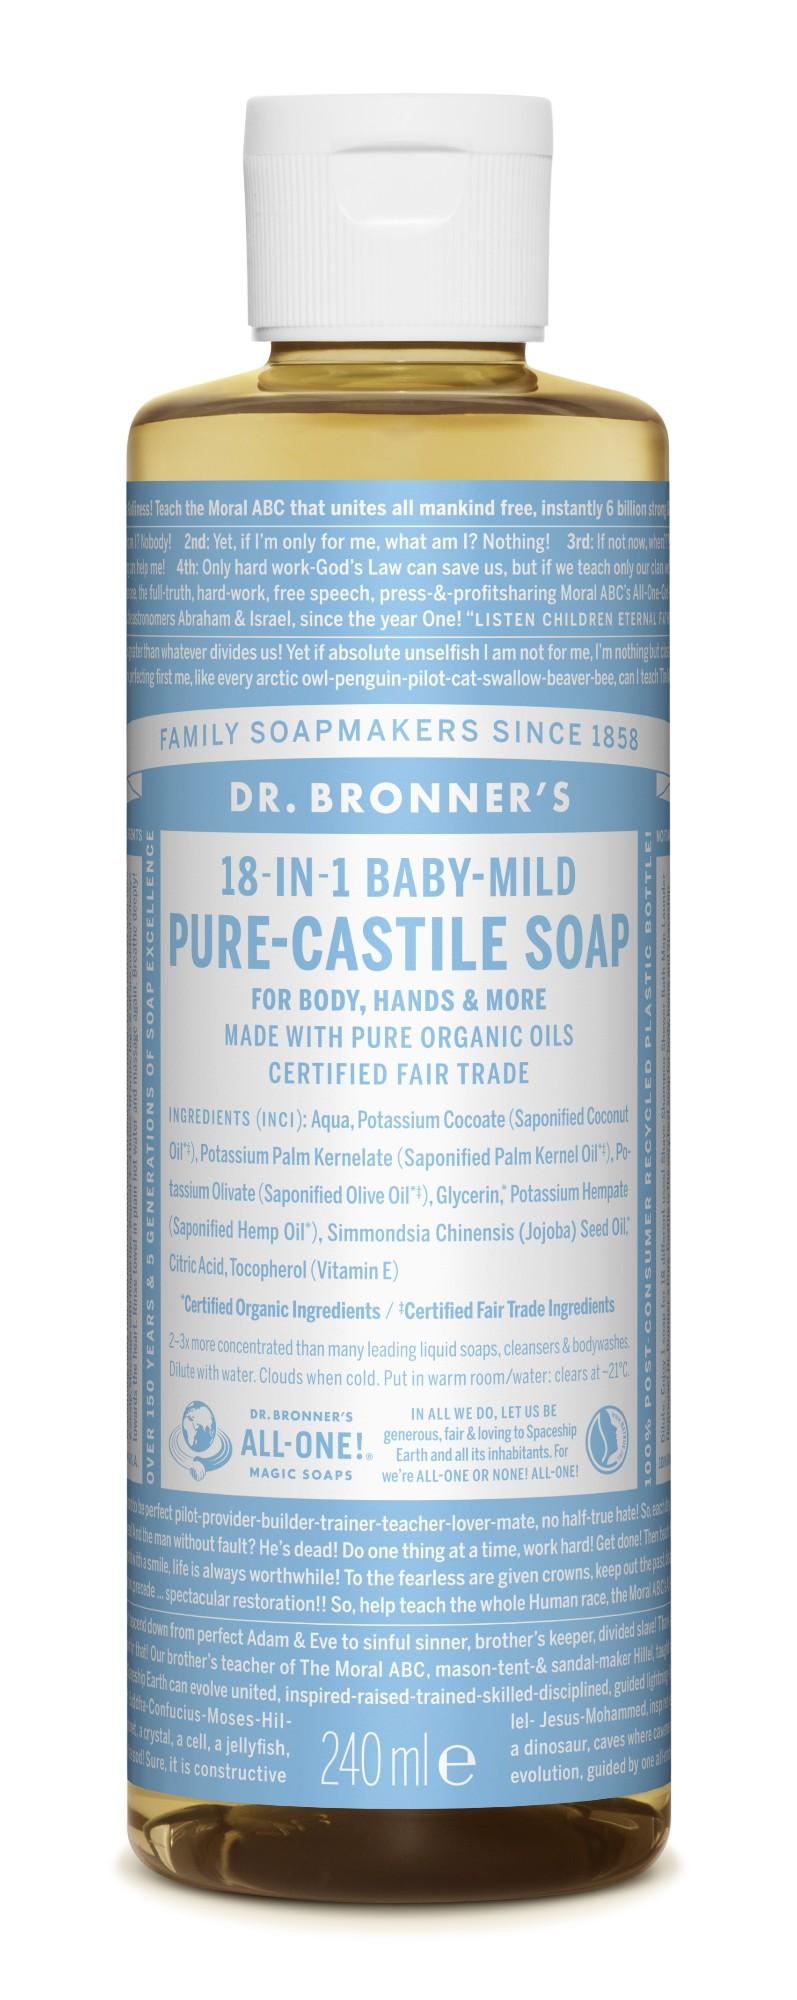 Ekologiškas tyras kastilietiškas skystas muilas DR. BRONNER'S Baby-Mild be kvapų su dvigubu alyvuogių aliejaus kiekiu 240 ml